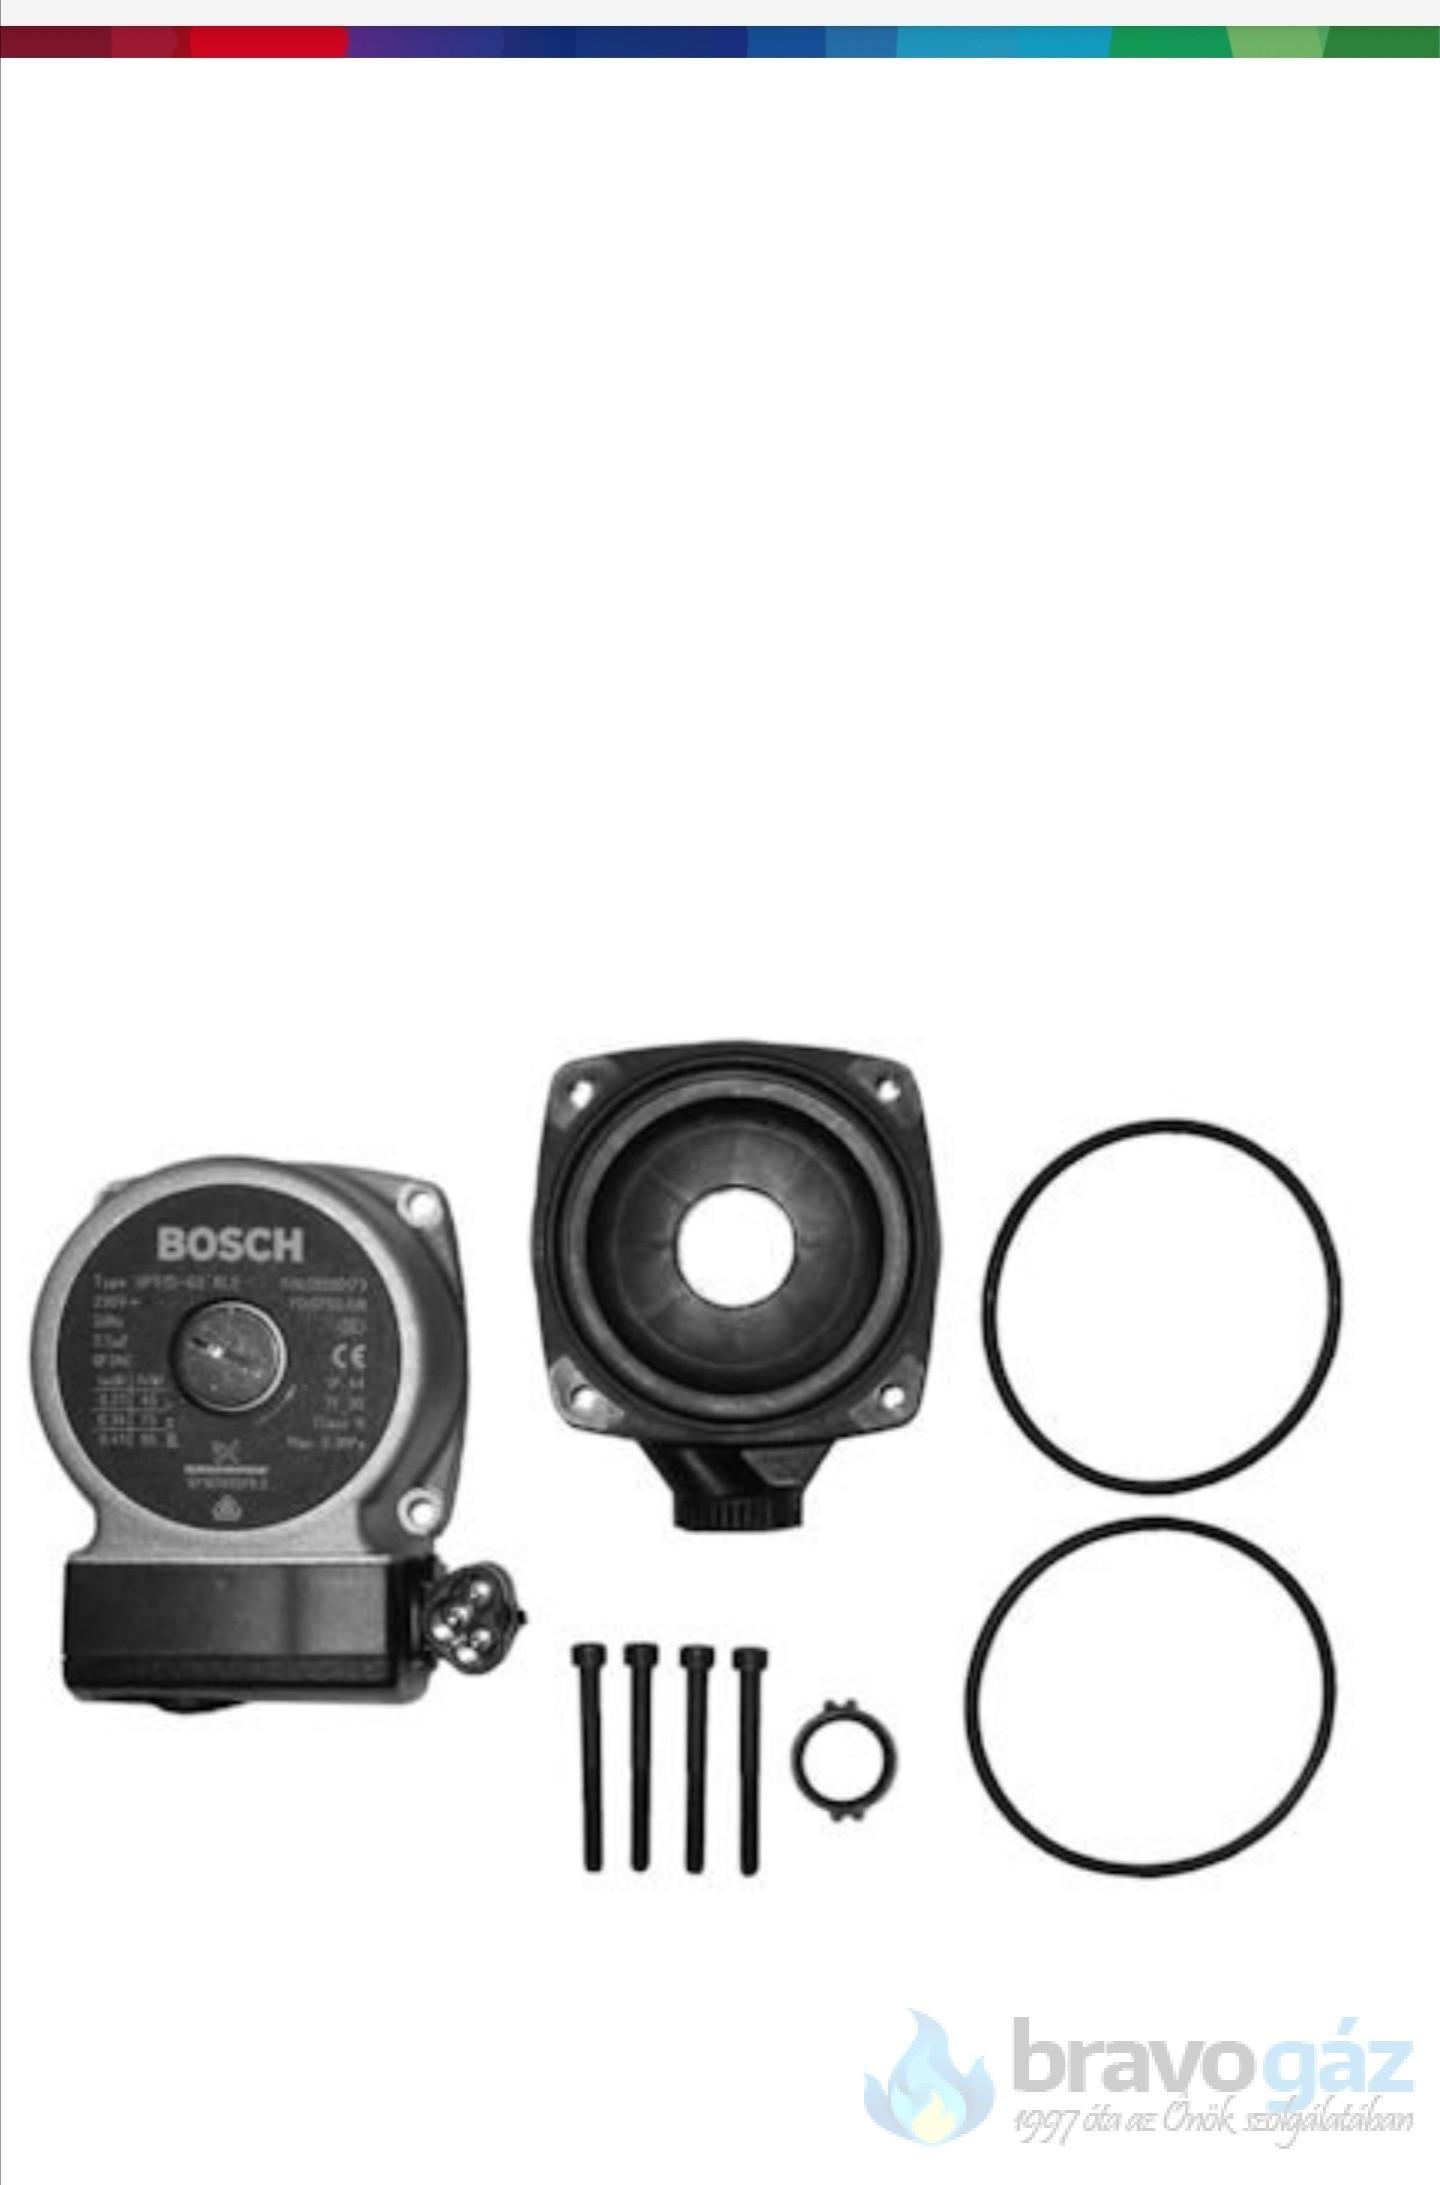 Bosch Szivattyúmotor - 87167633790